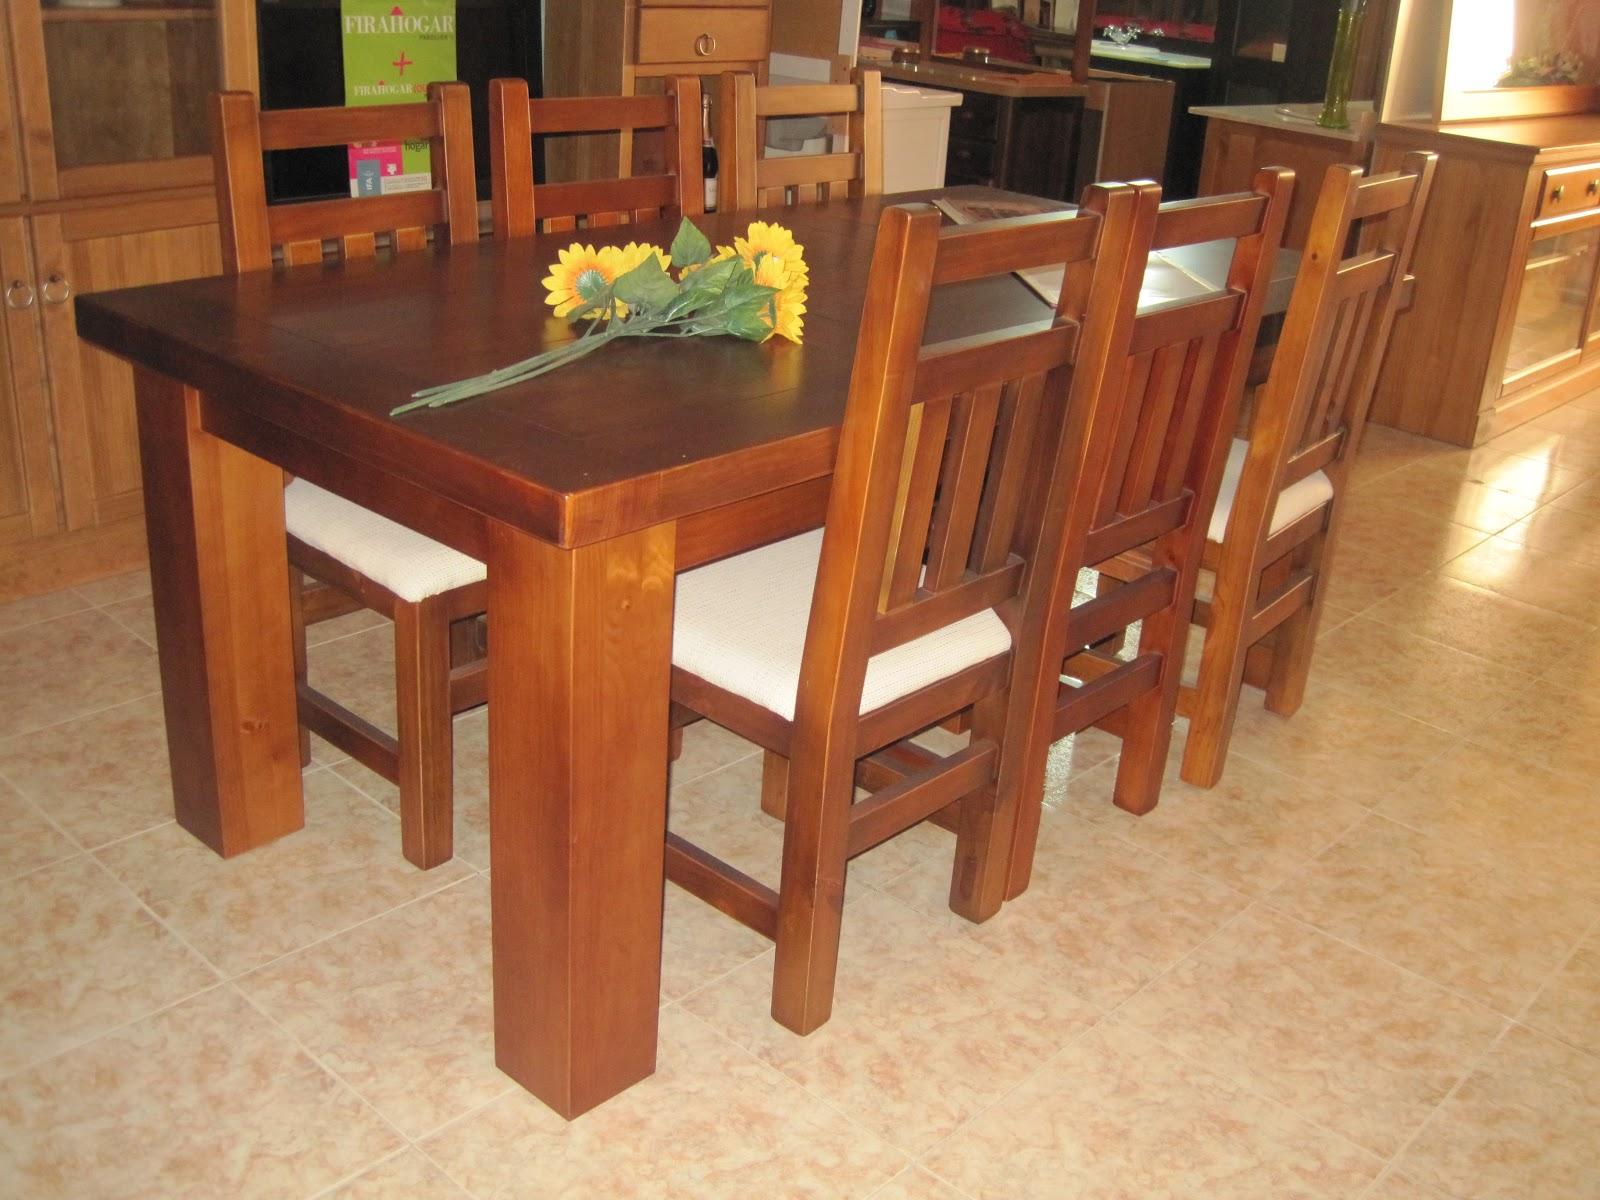 Muebles arcecoll mesas de madera maciza a medida - Muebles de madera a medida ...